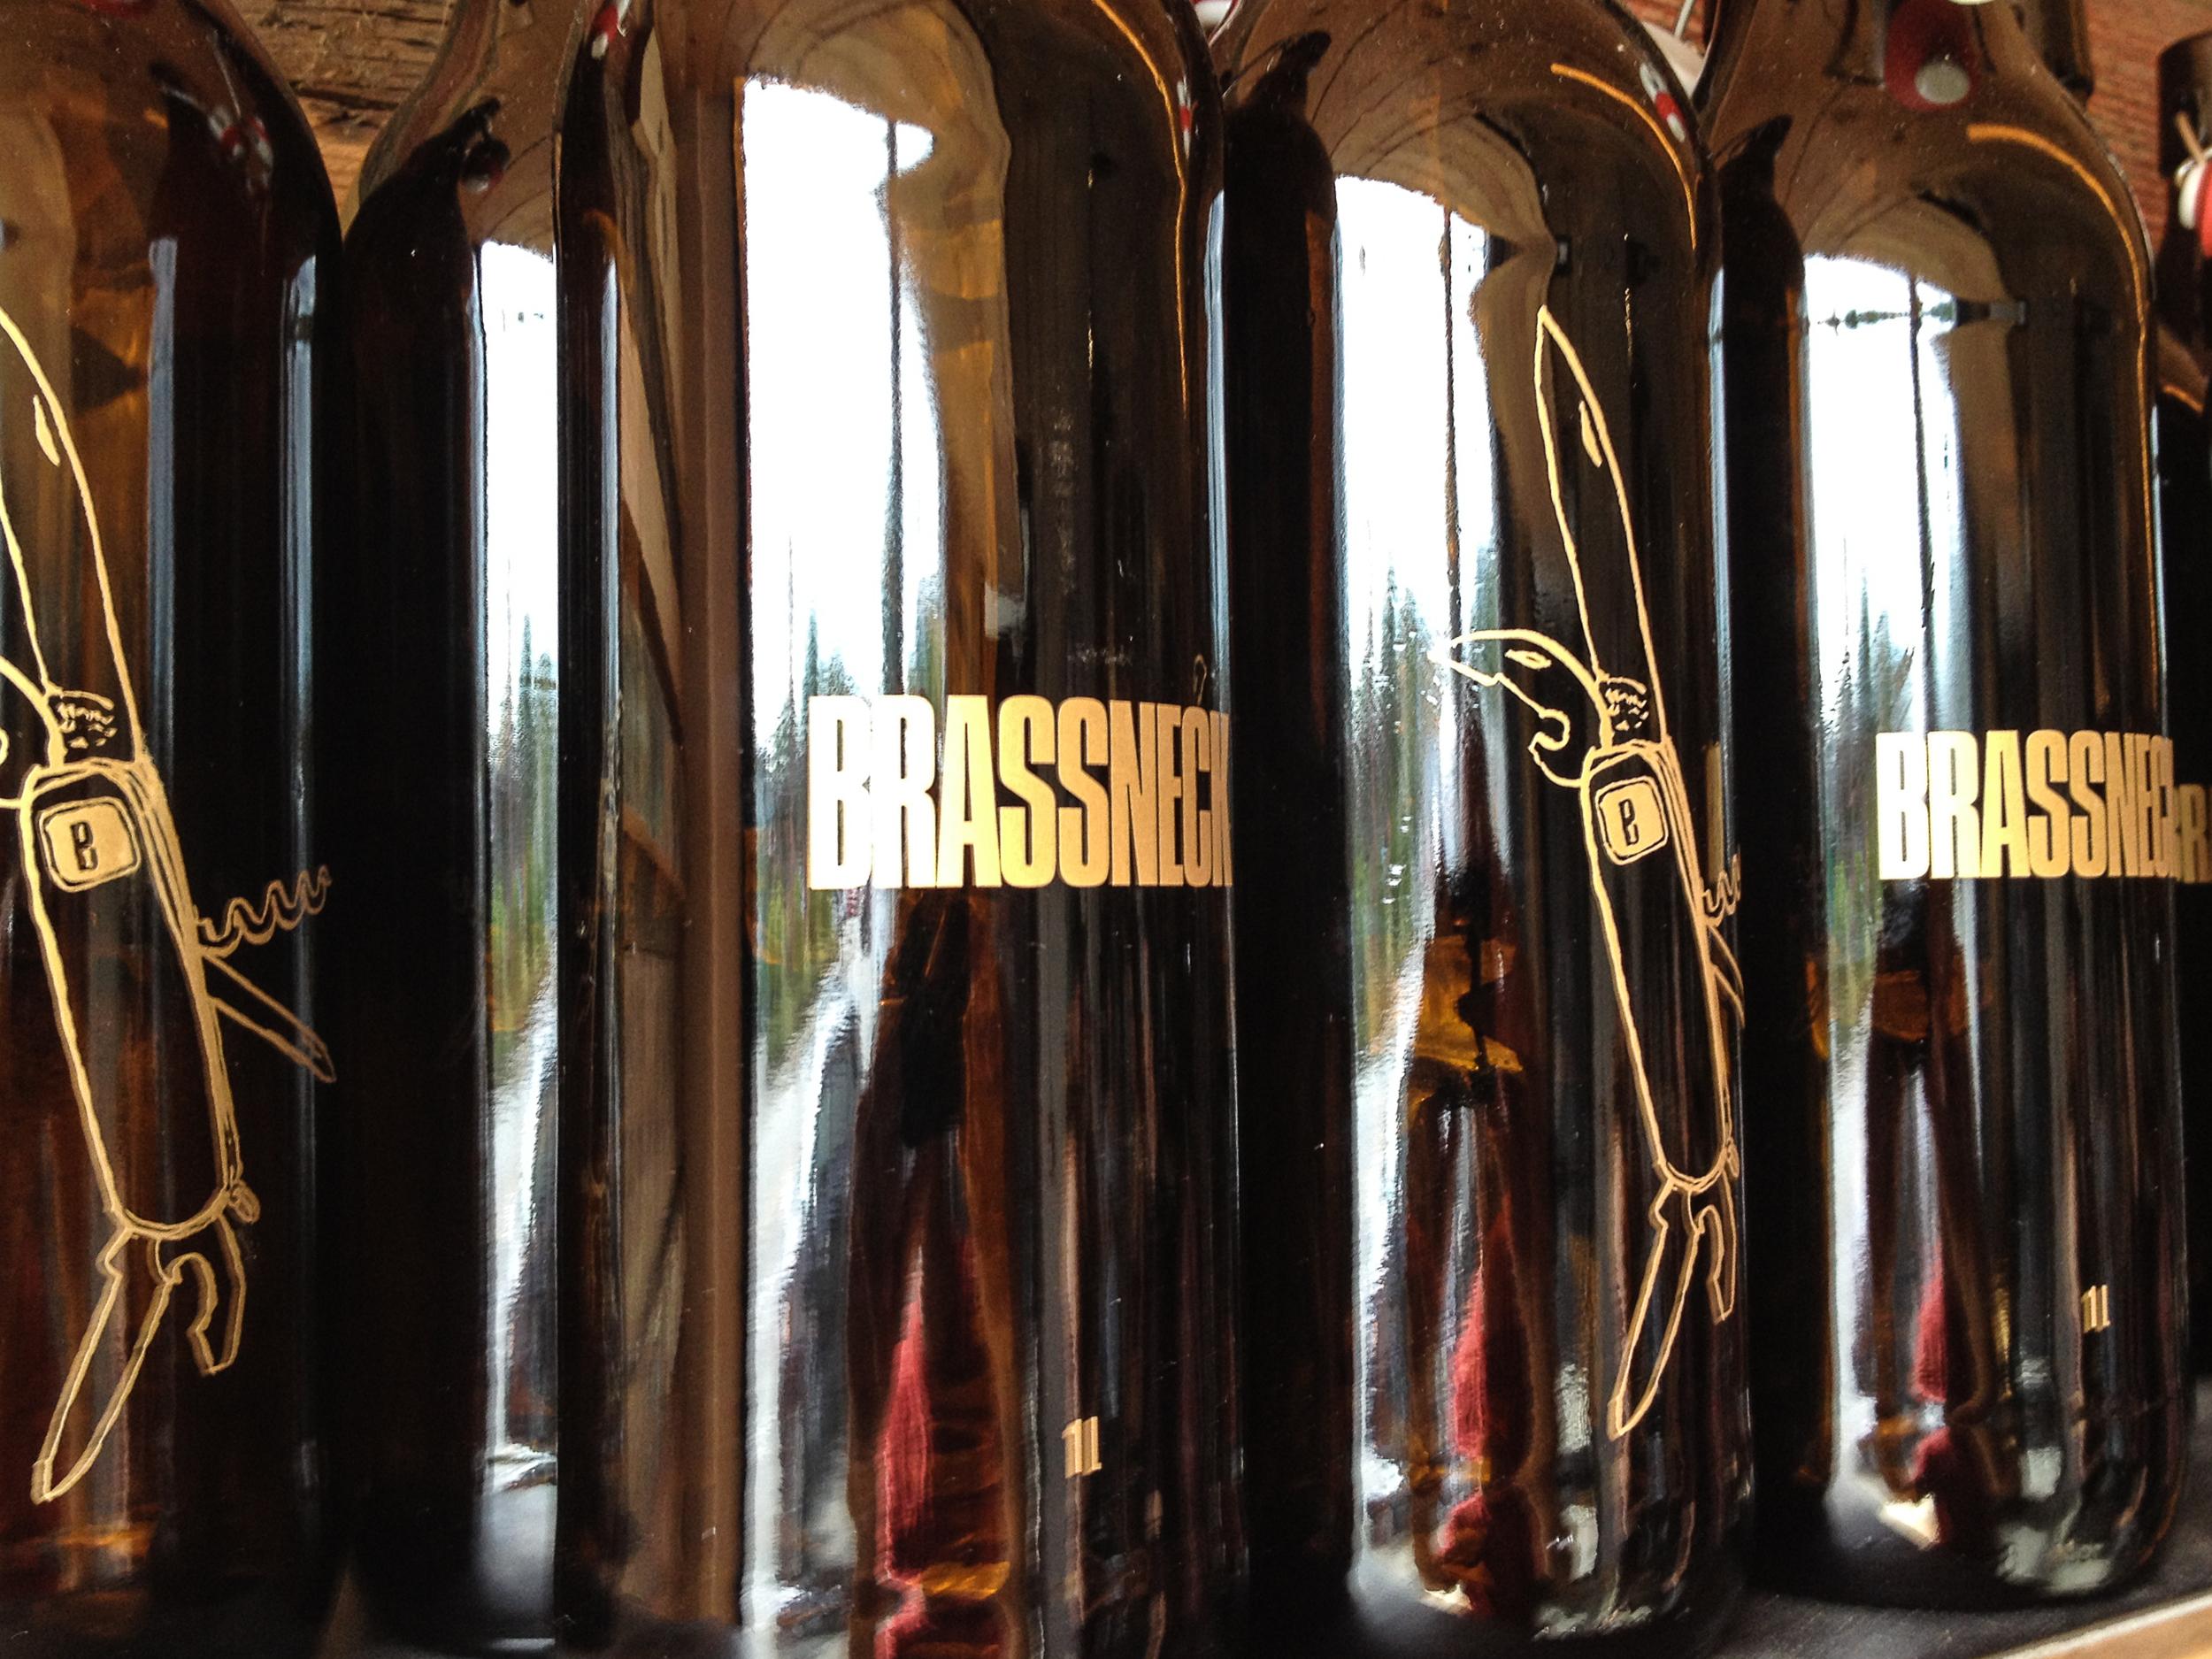 Bottles at Brassneck